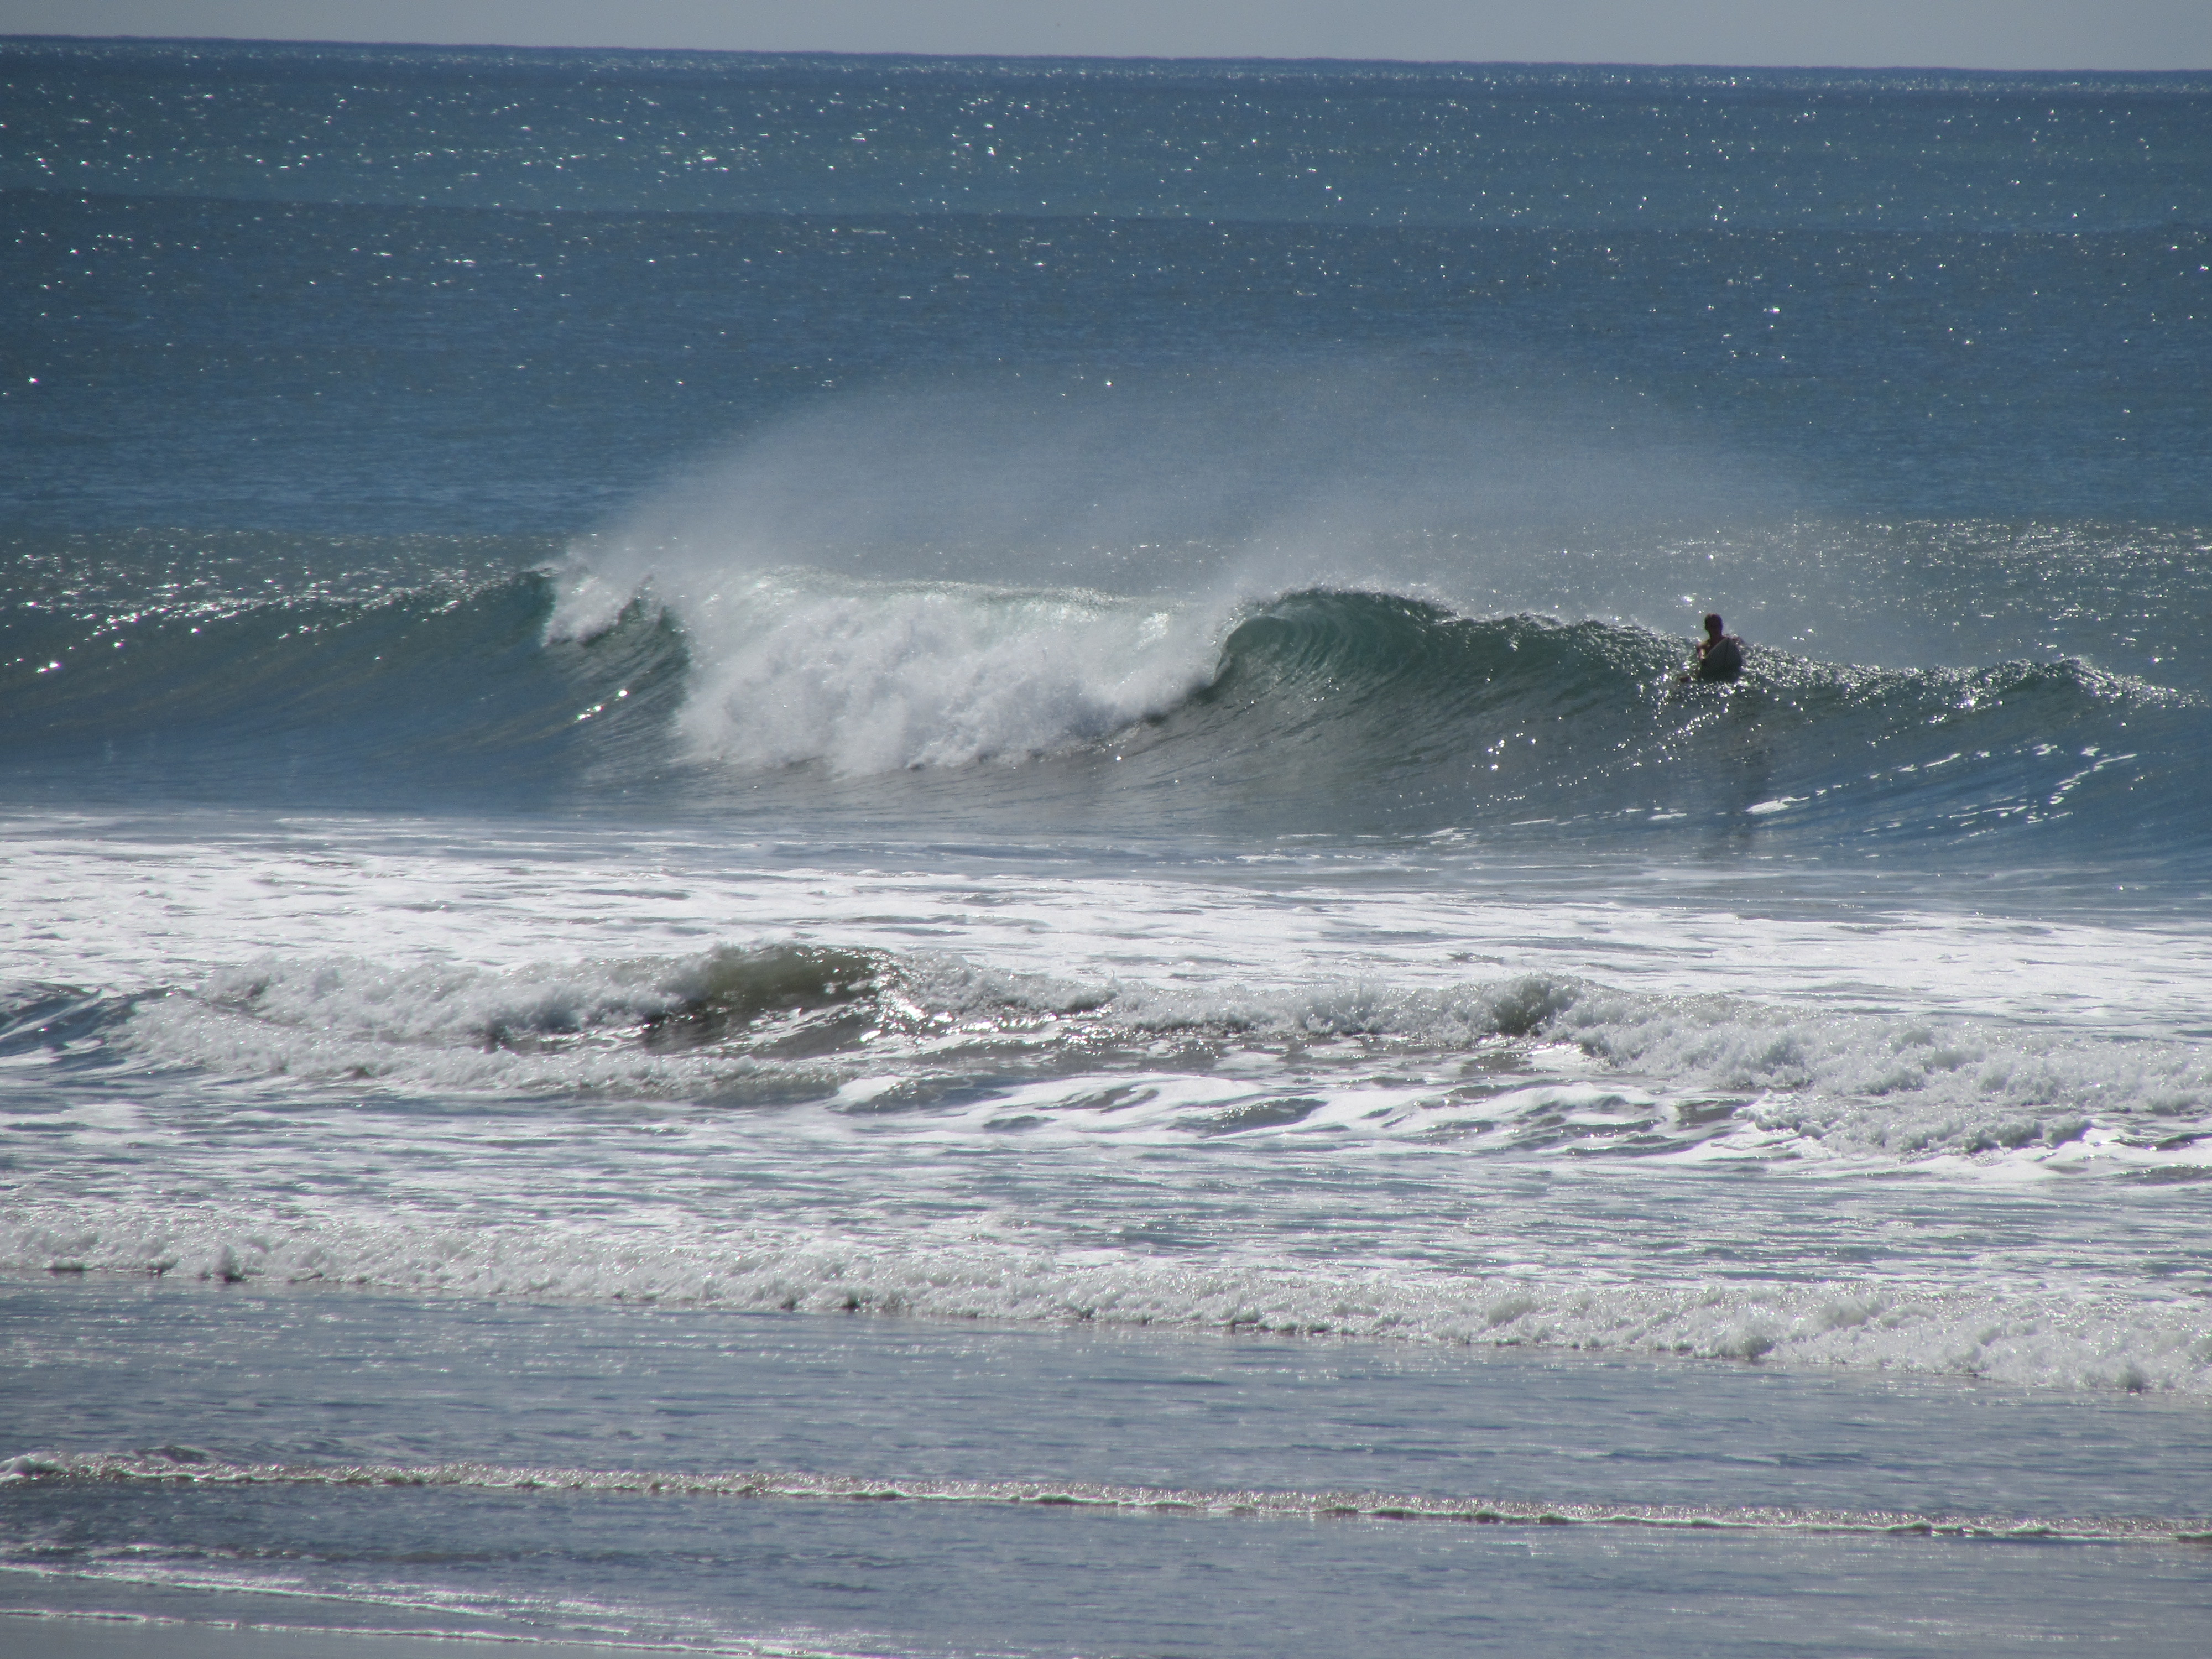 Surf at Santa Teresa